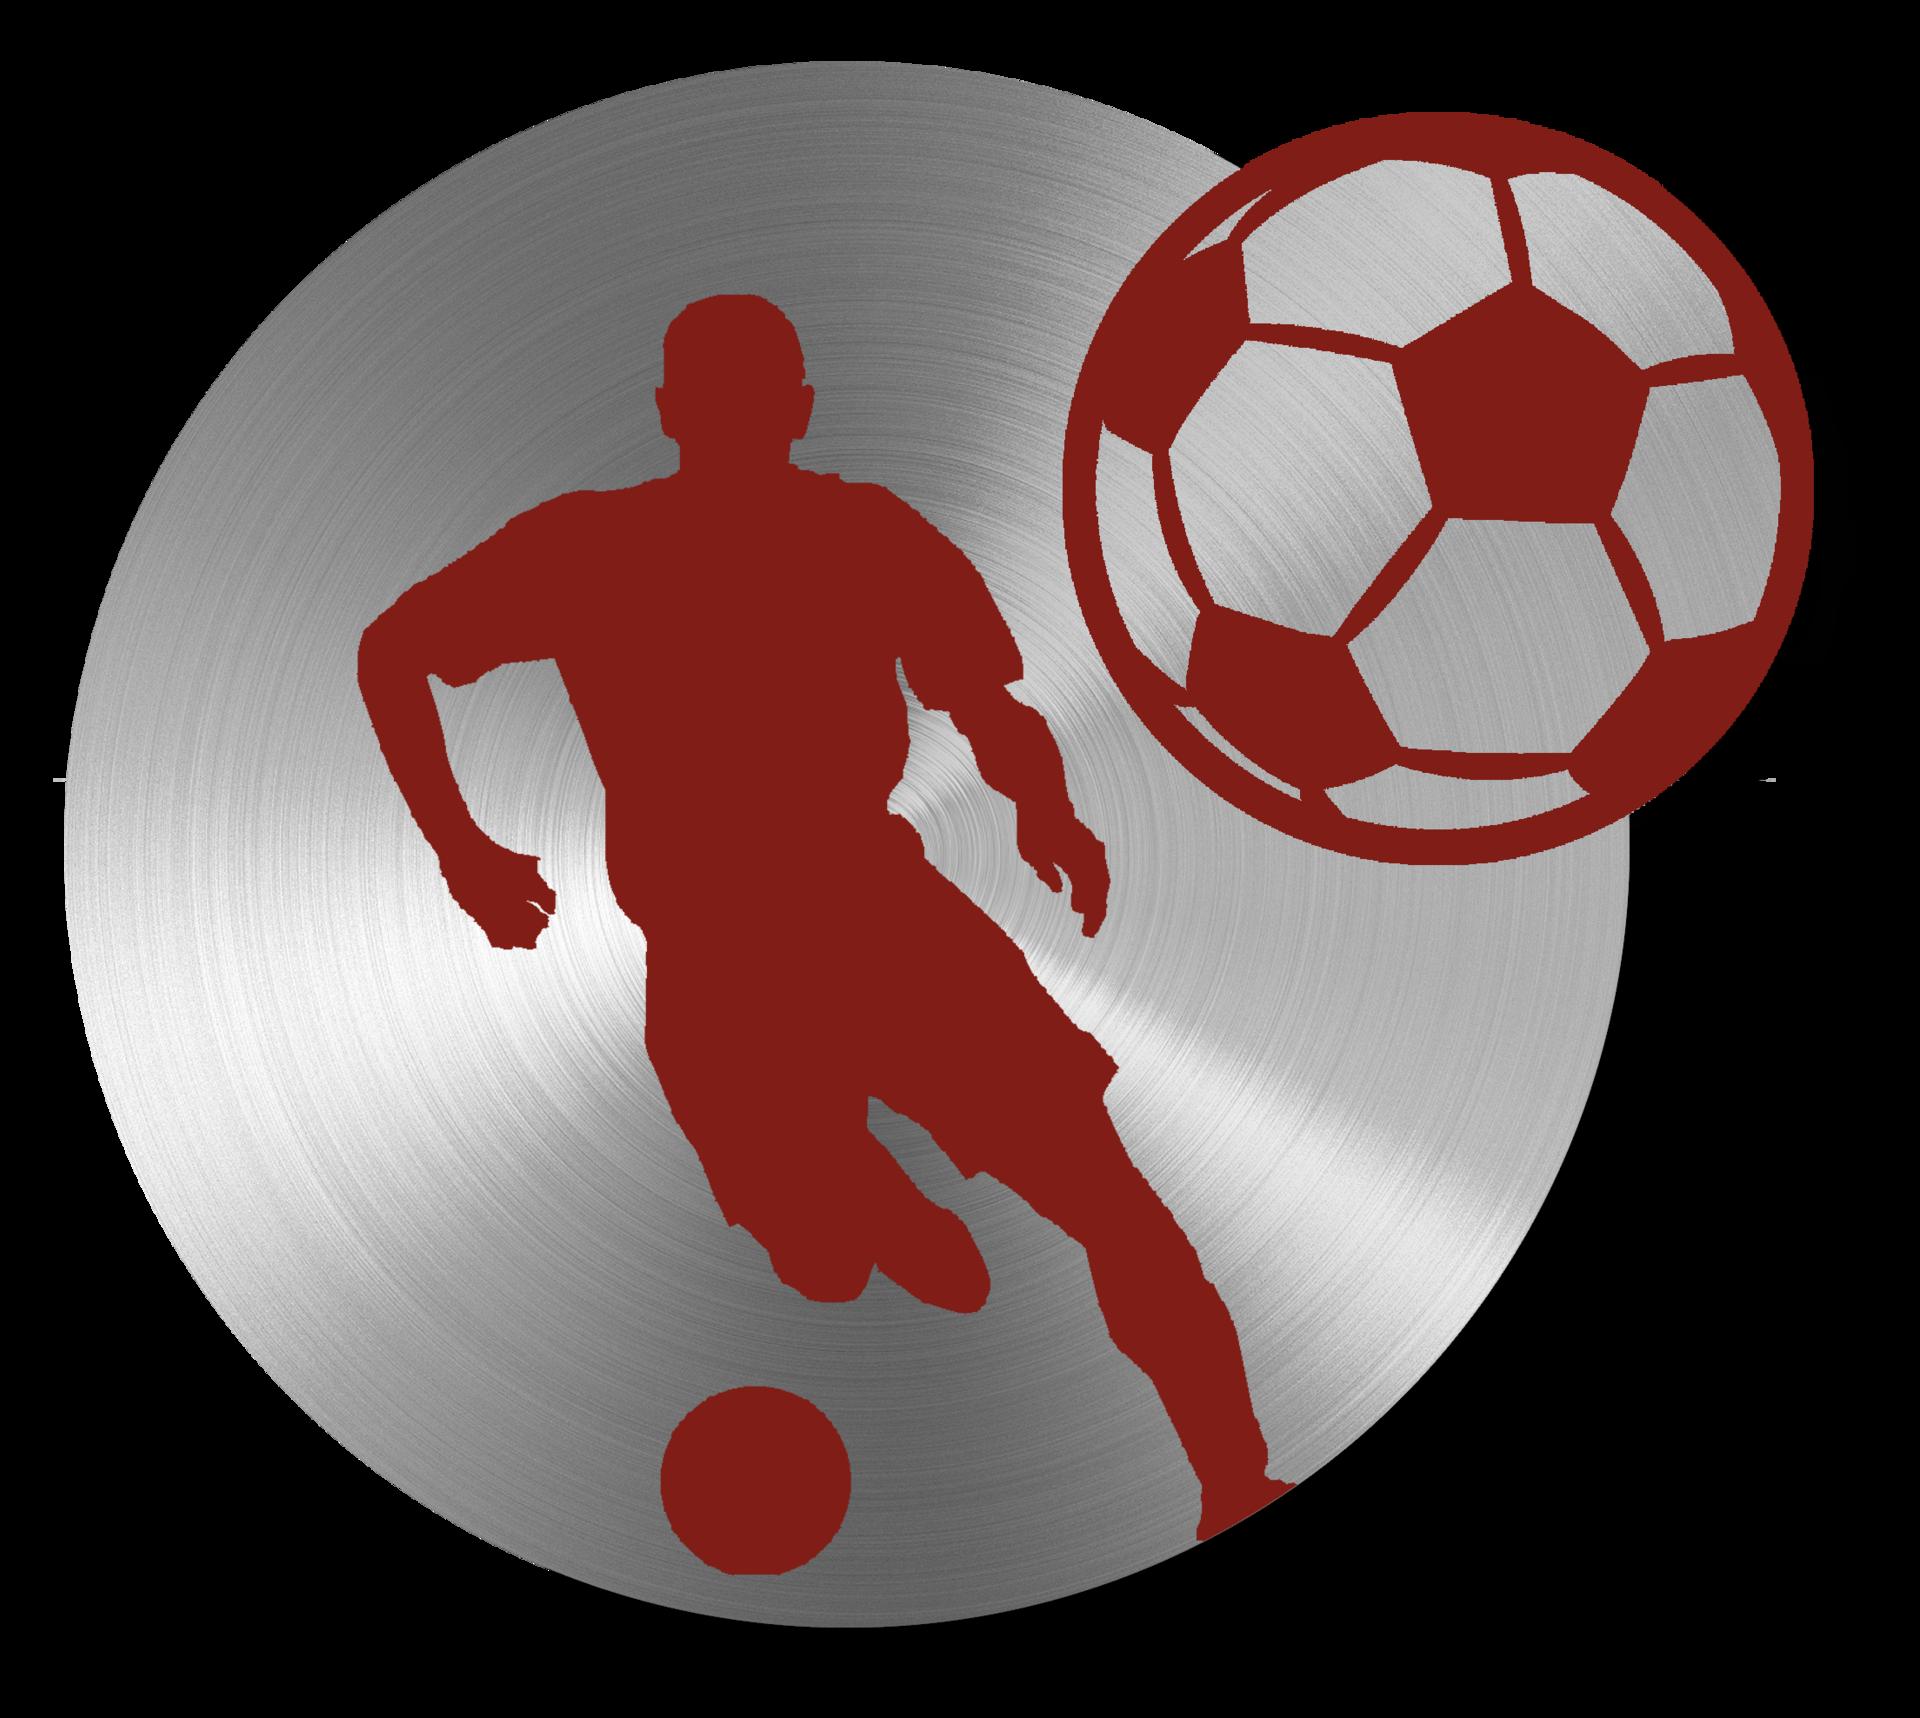 Boys soccer icon